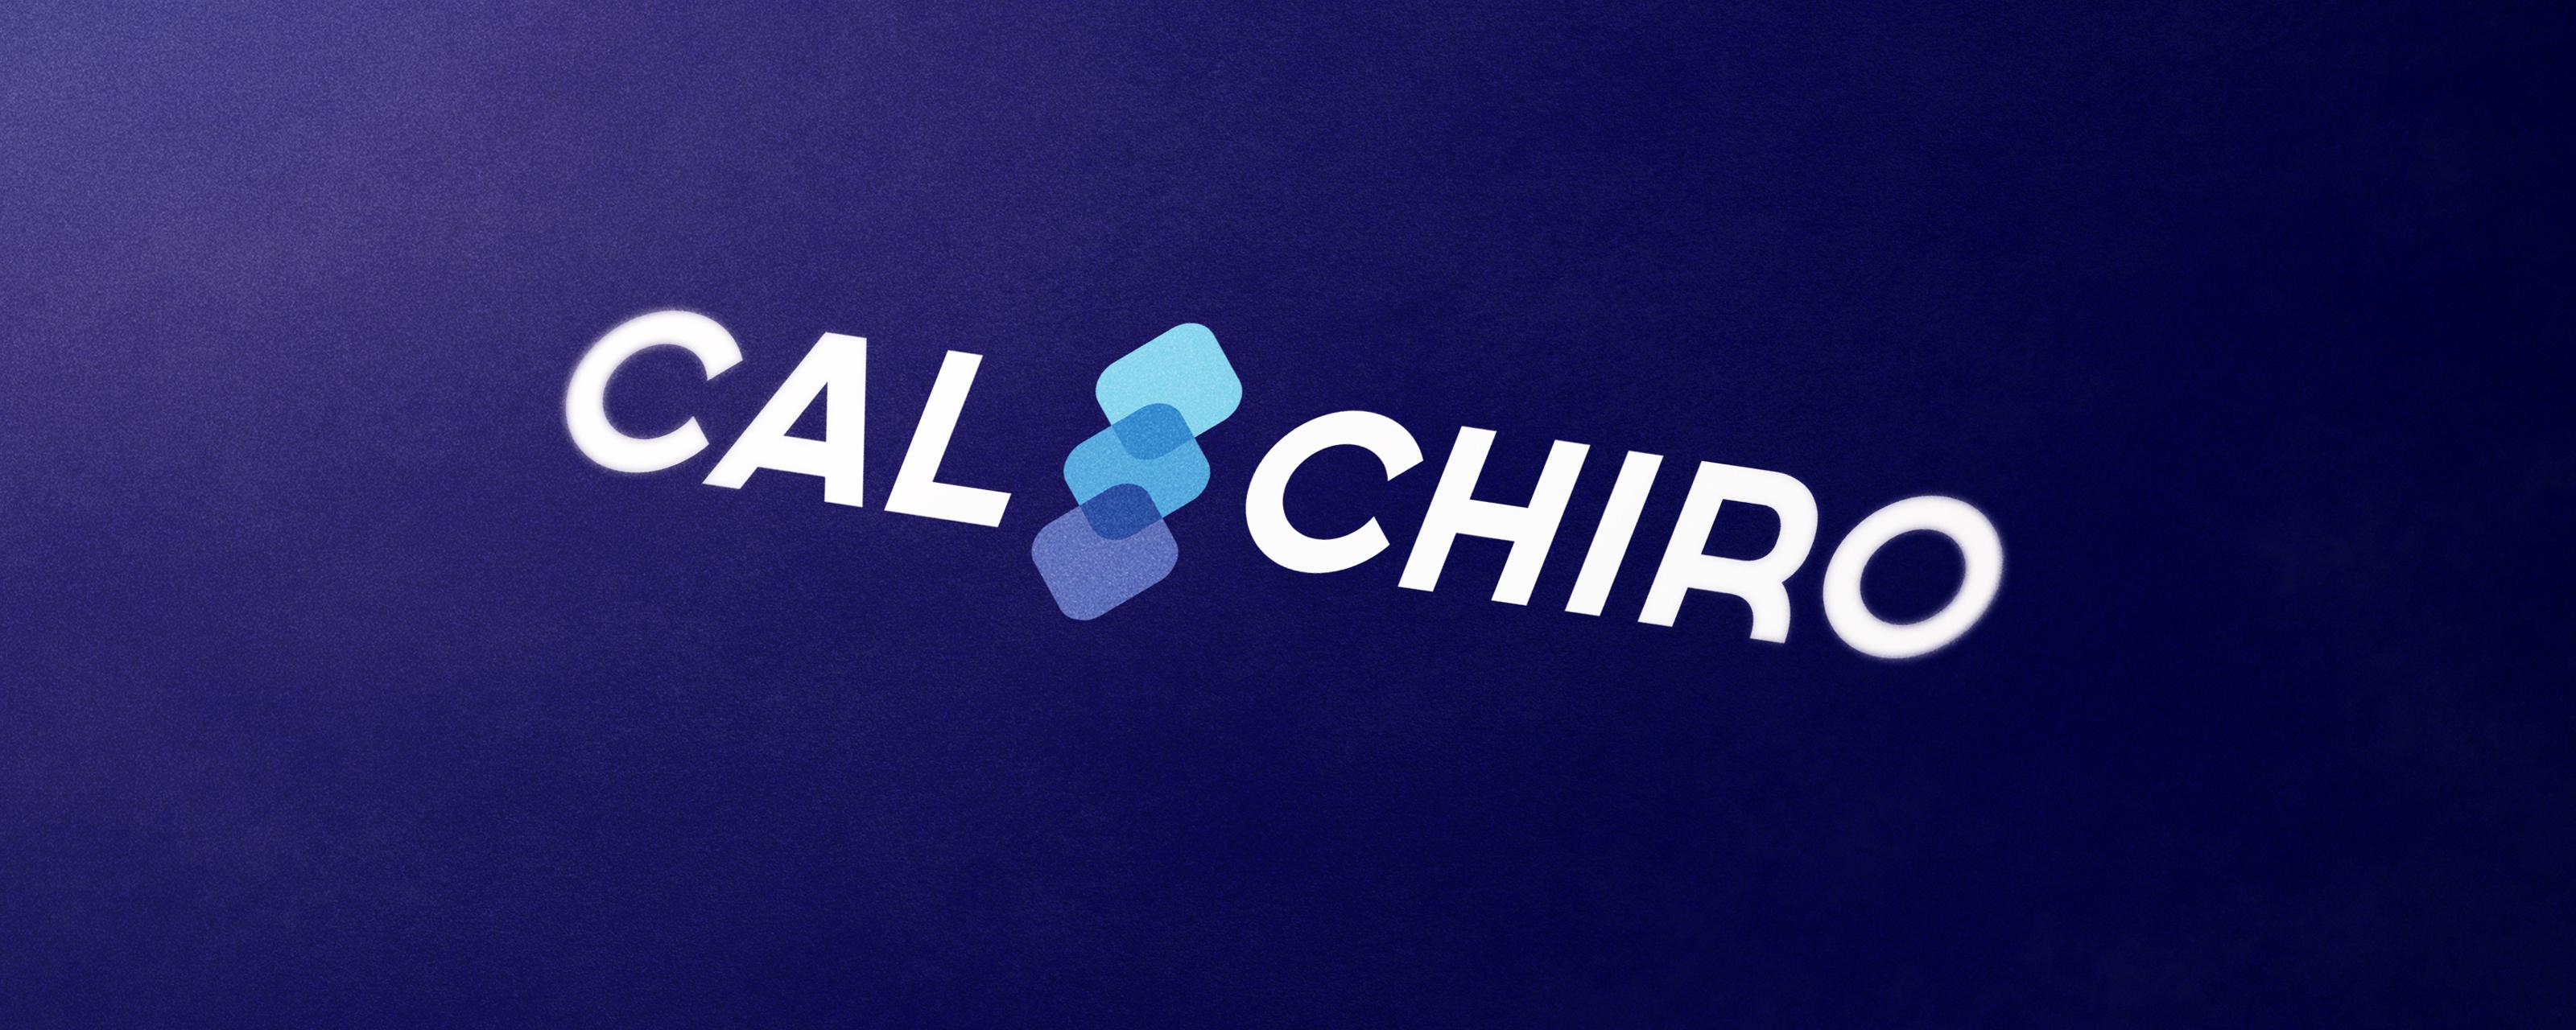 CalChiro_Logo3